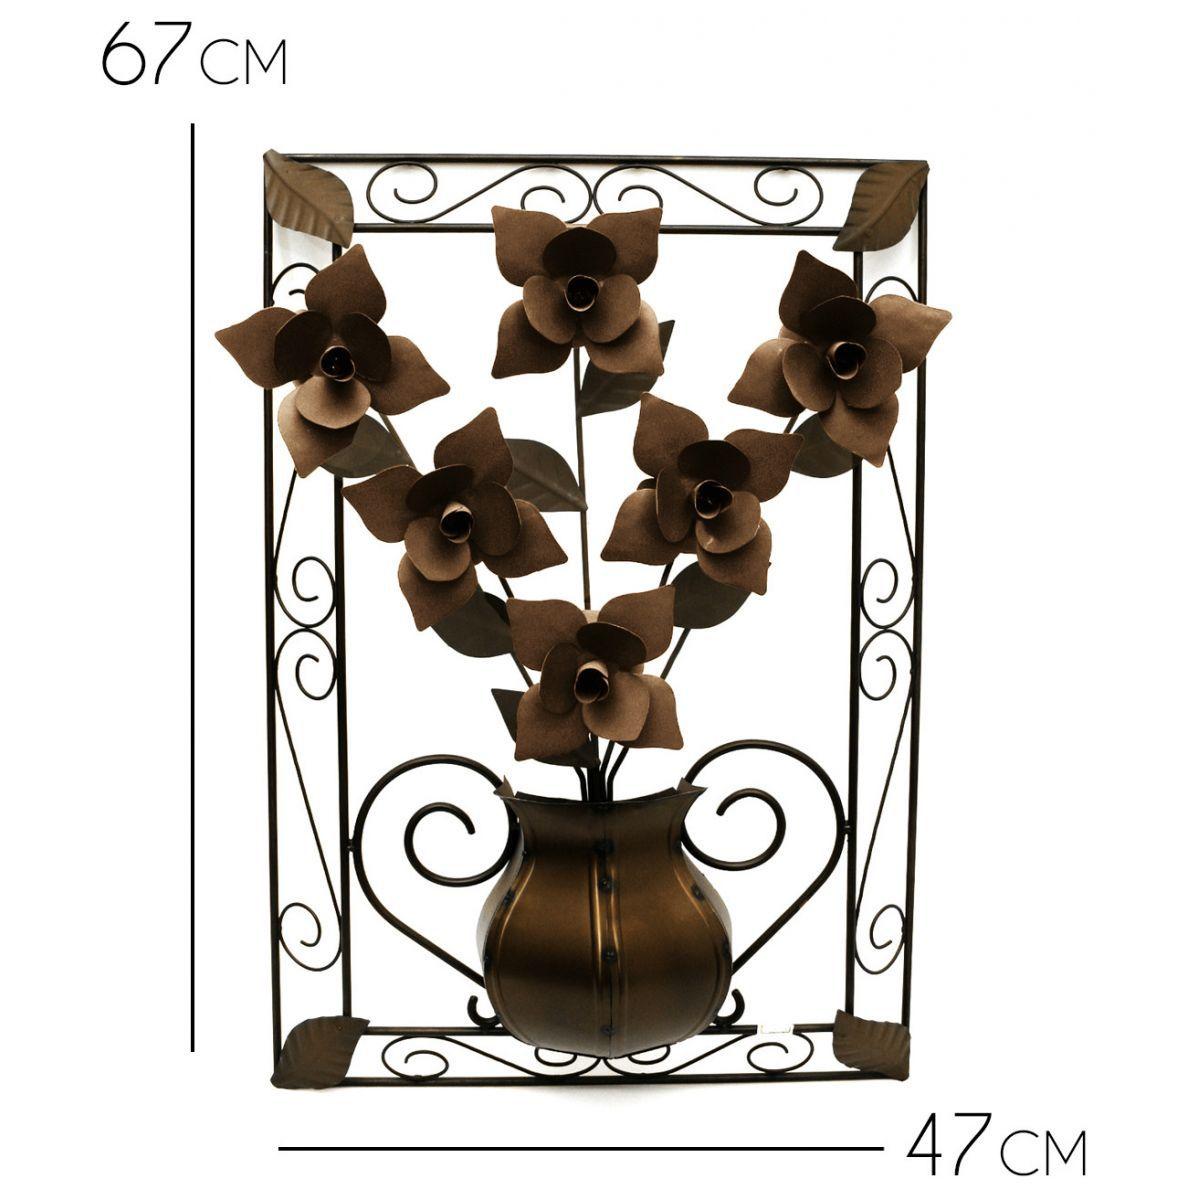 Quadro para Sala com Flores de Ferro Artesanal Rustico com Flores